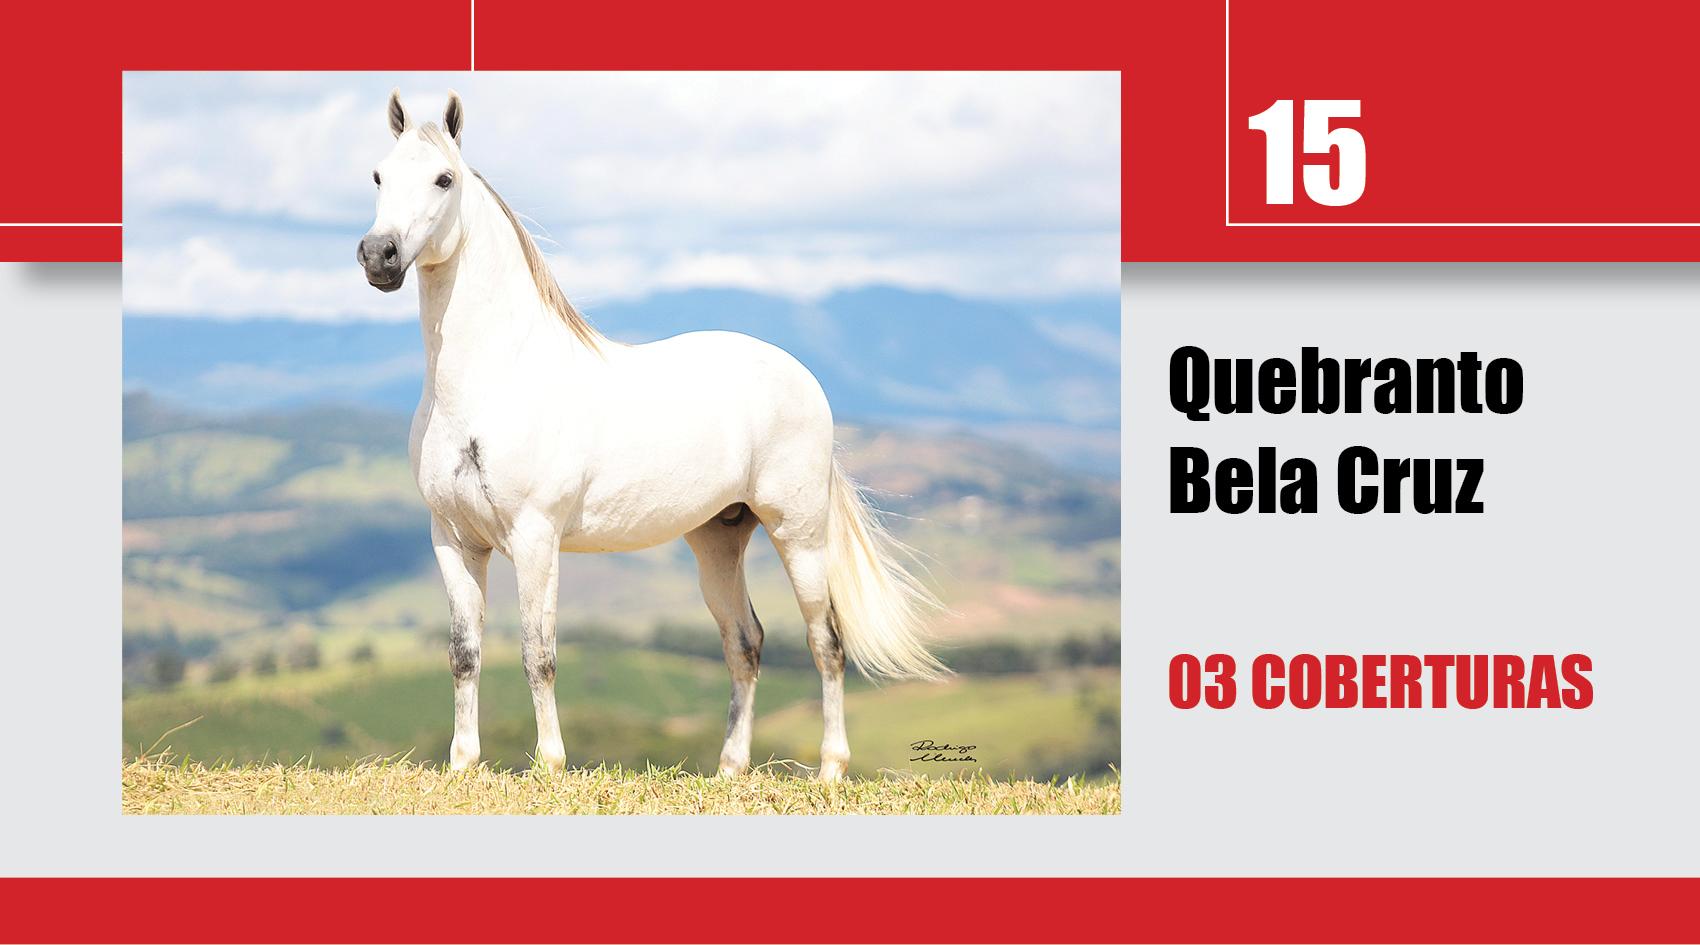 Leilão_Online_Coberturas15